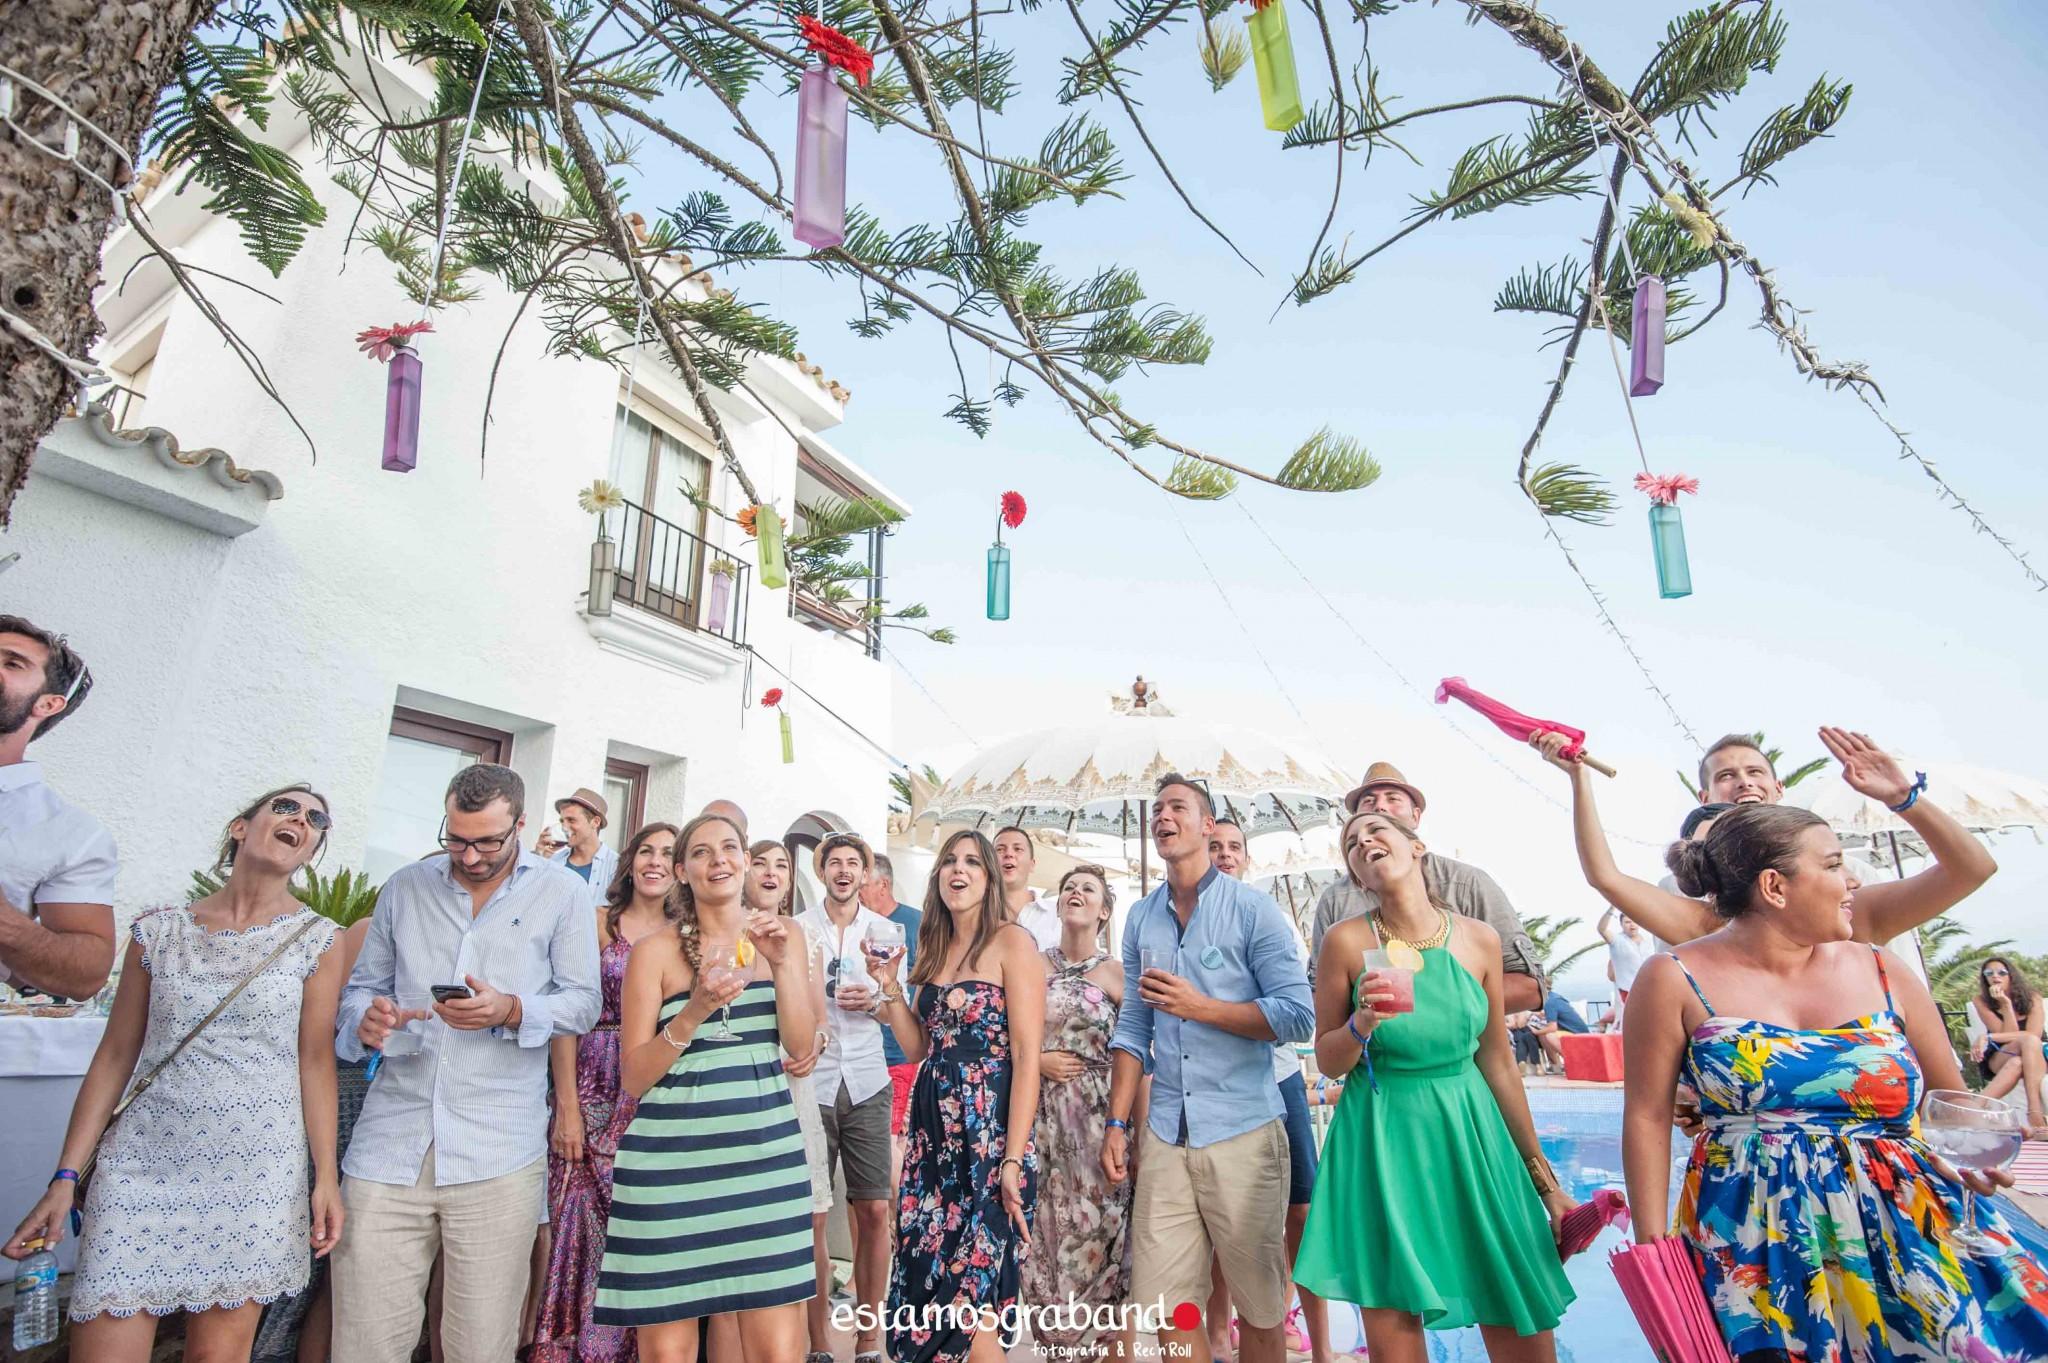 Alba-y-Jose-BTTW-51 Los invitados de Alba & Jose [Back to the wedding_Atlanterra, Zahara de los Atunes] - video boda cadiz